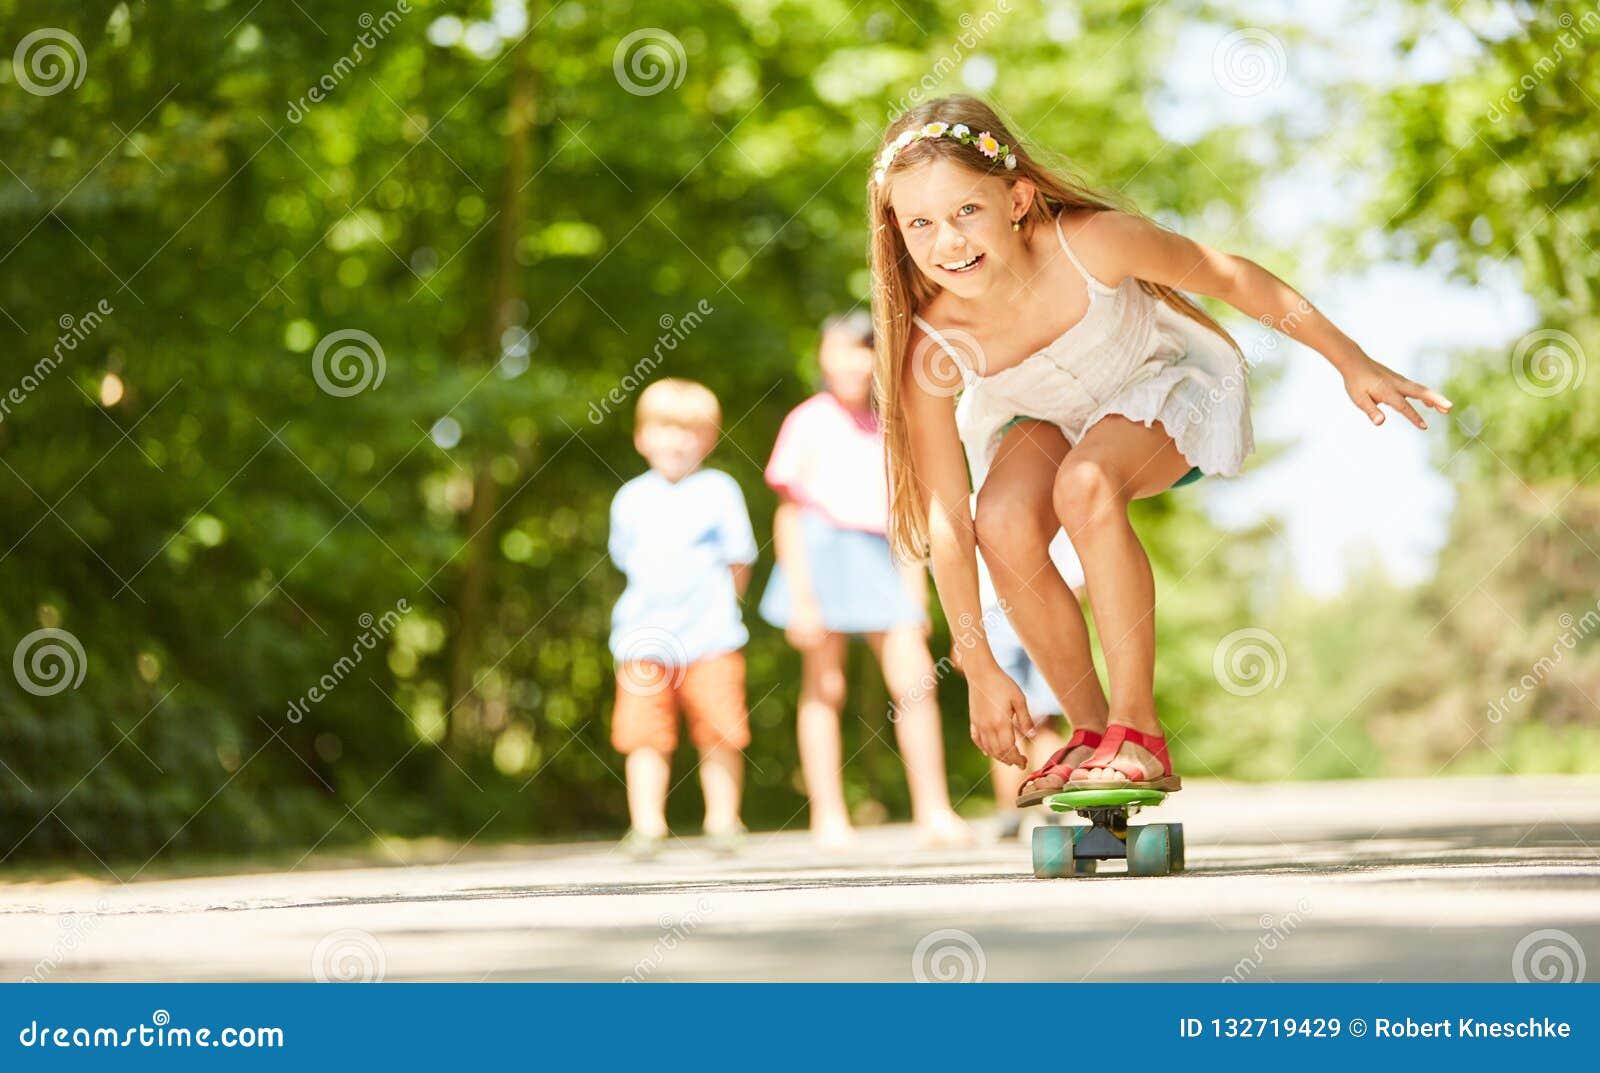 Девушка имеет потеху пока skateboarding